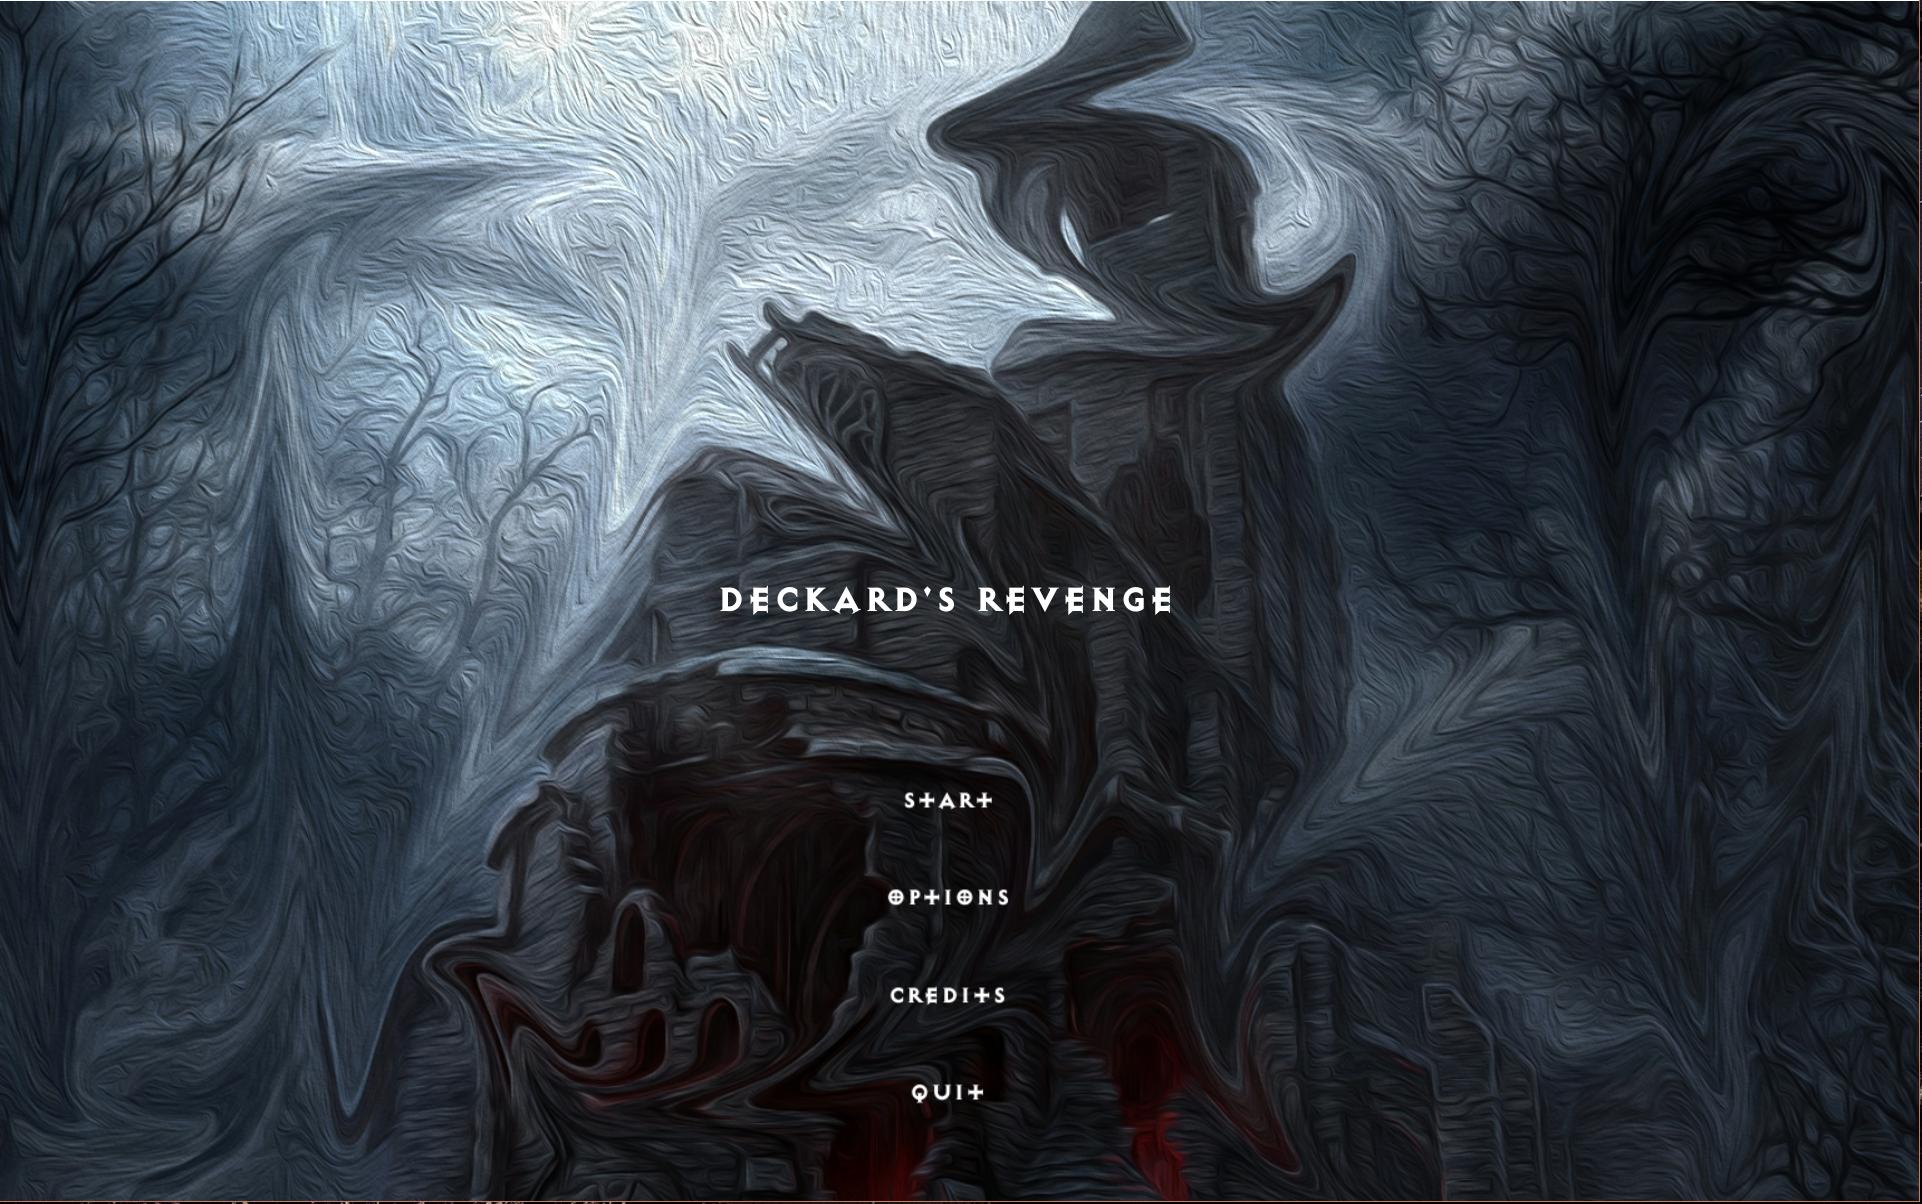 Deckard's Revenge